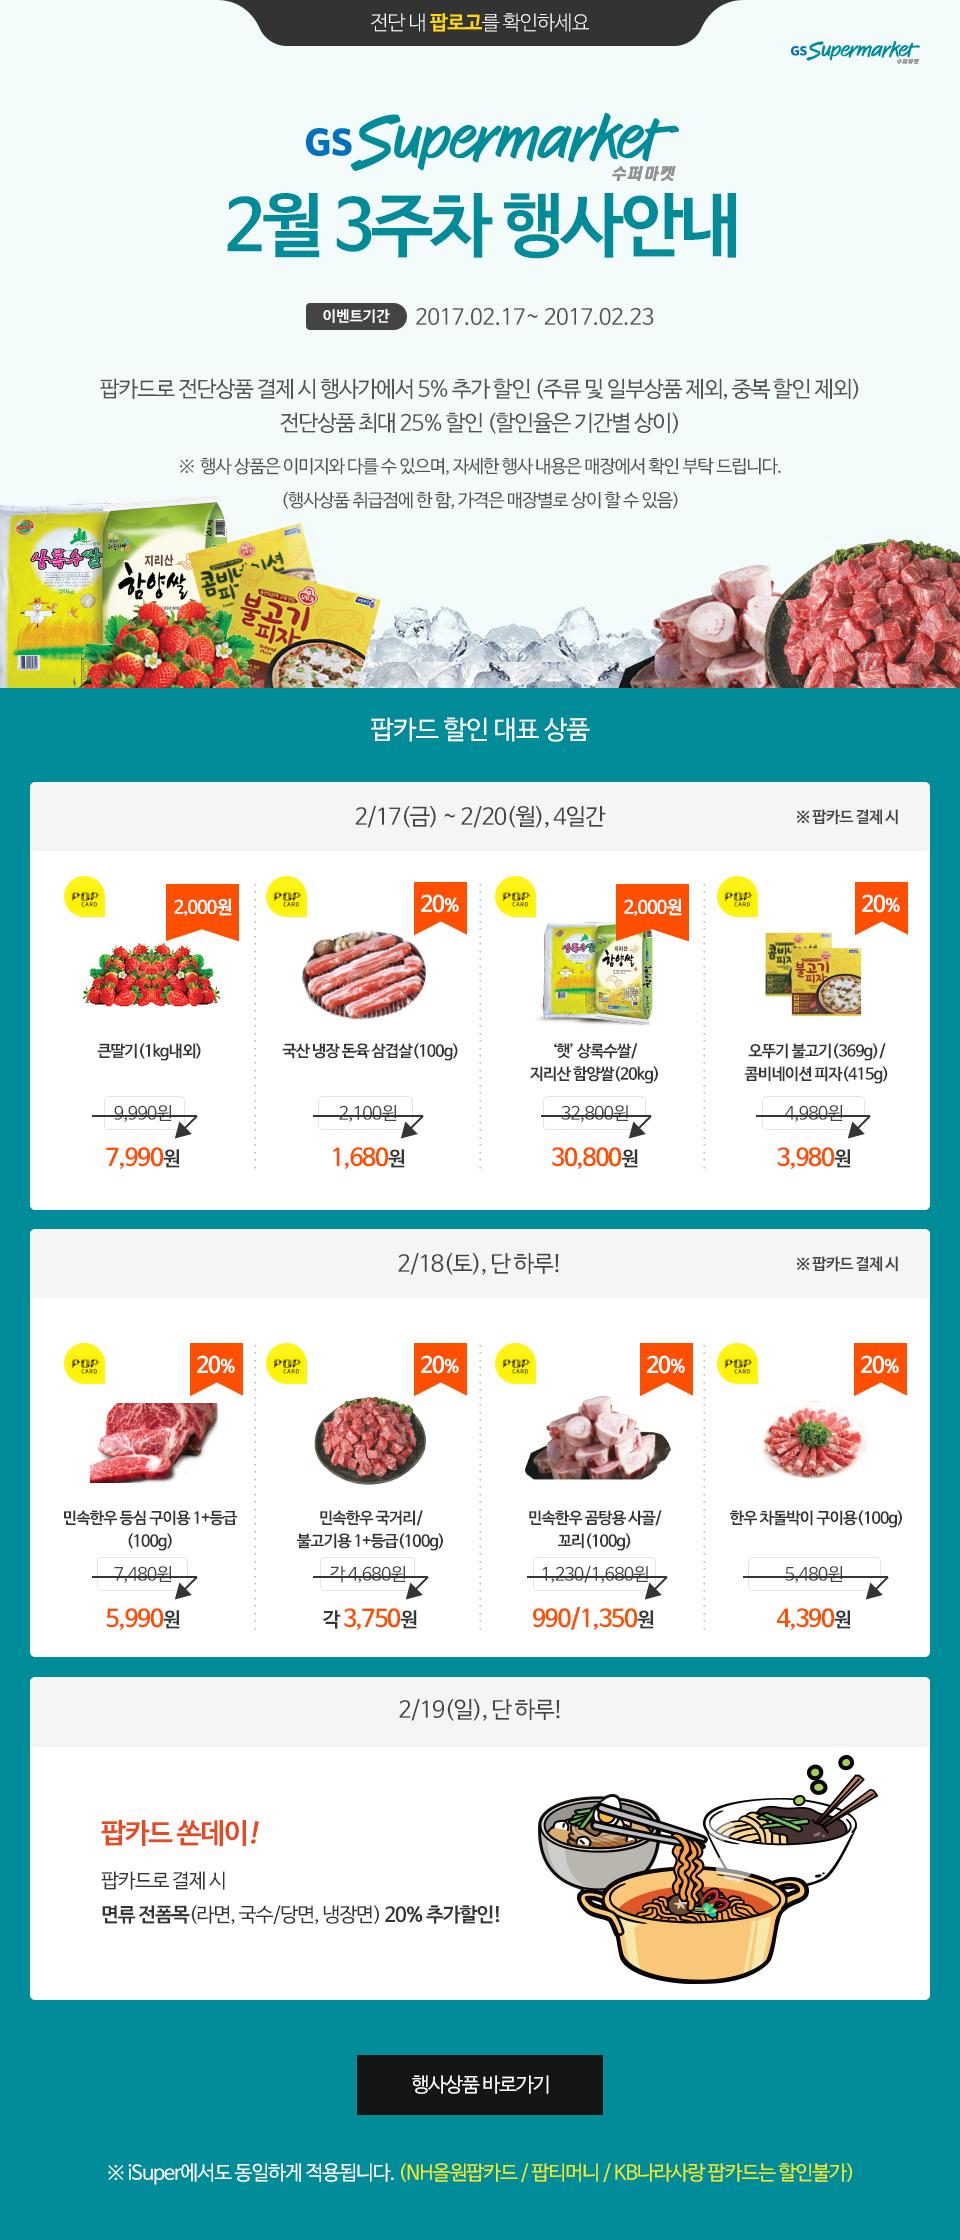 GS수퍼마켓 2월 3주차 행사안내 / 이벤트 기간:2017.02.17~ 2017.02.23 - 하단 상세설명